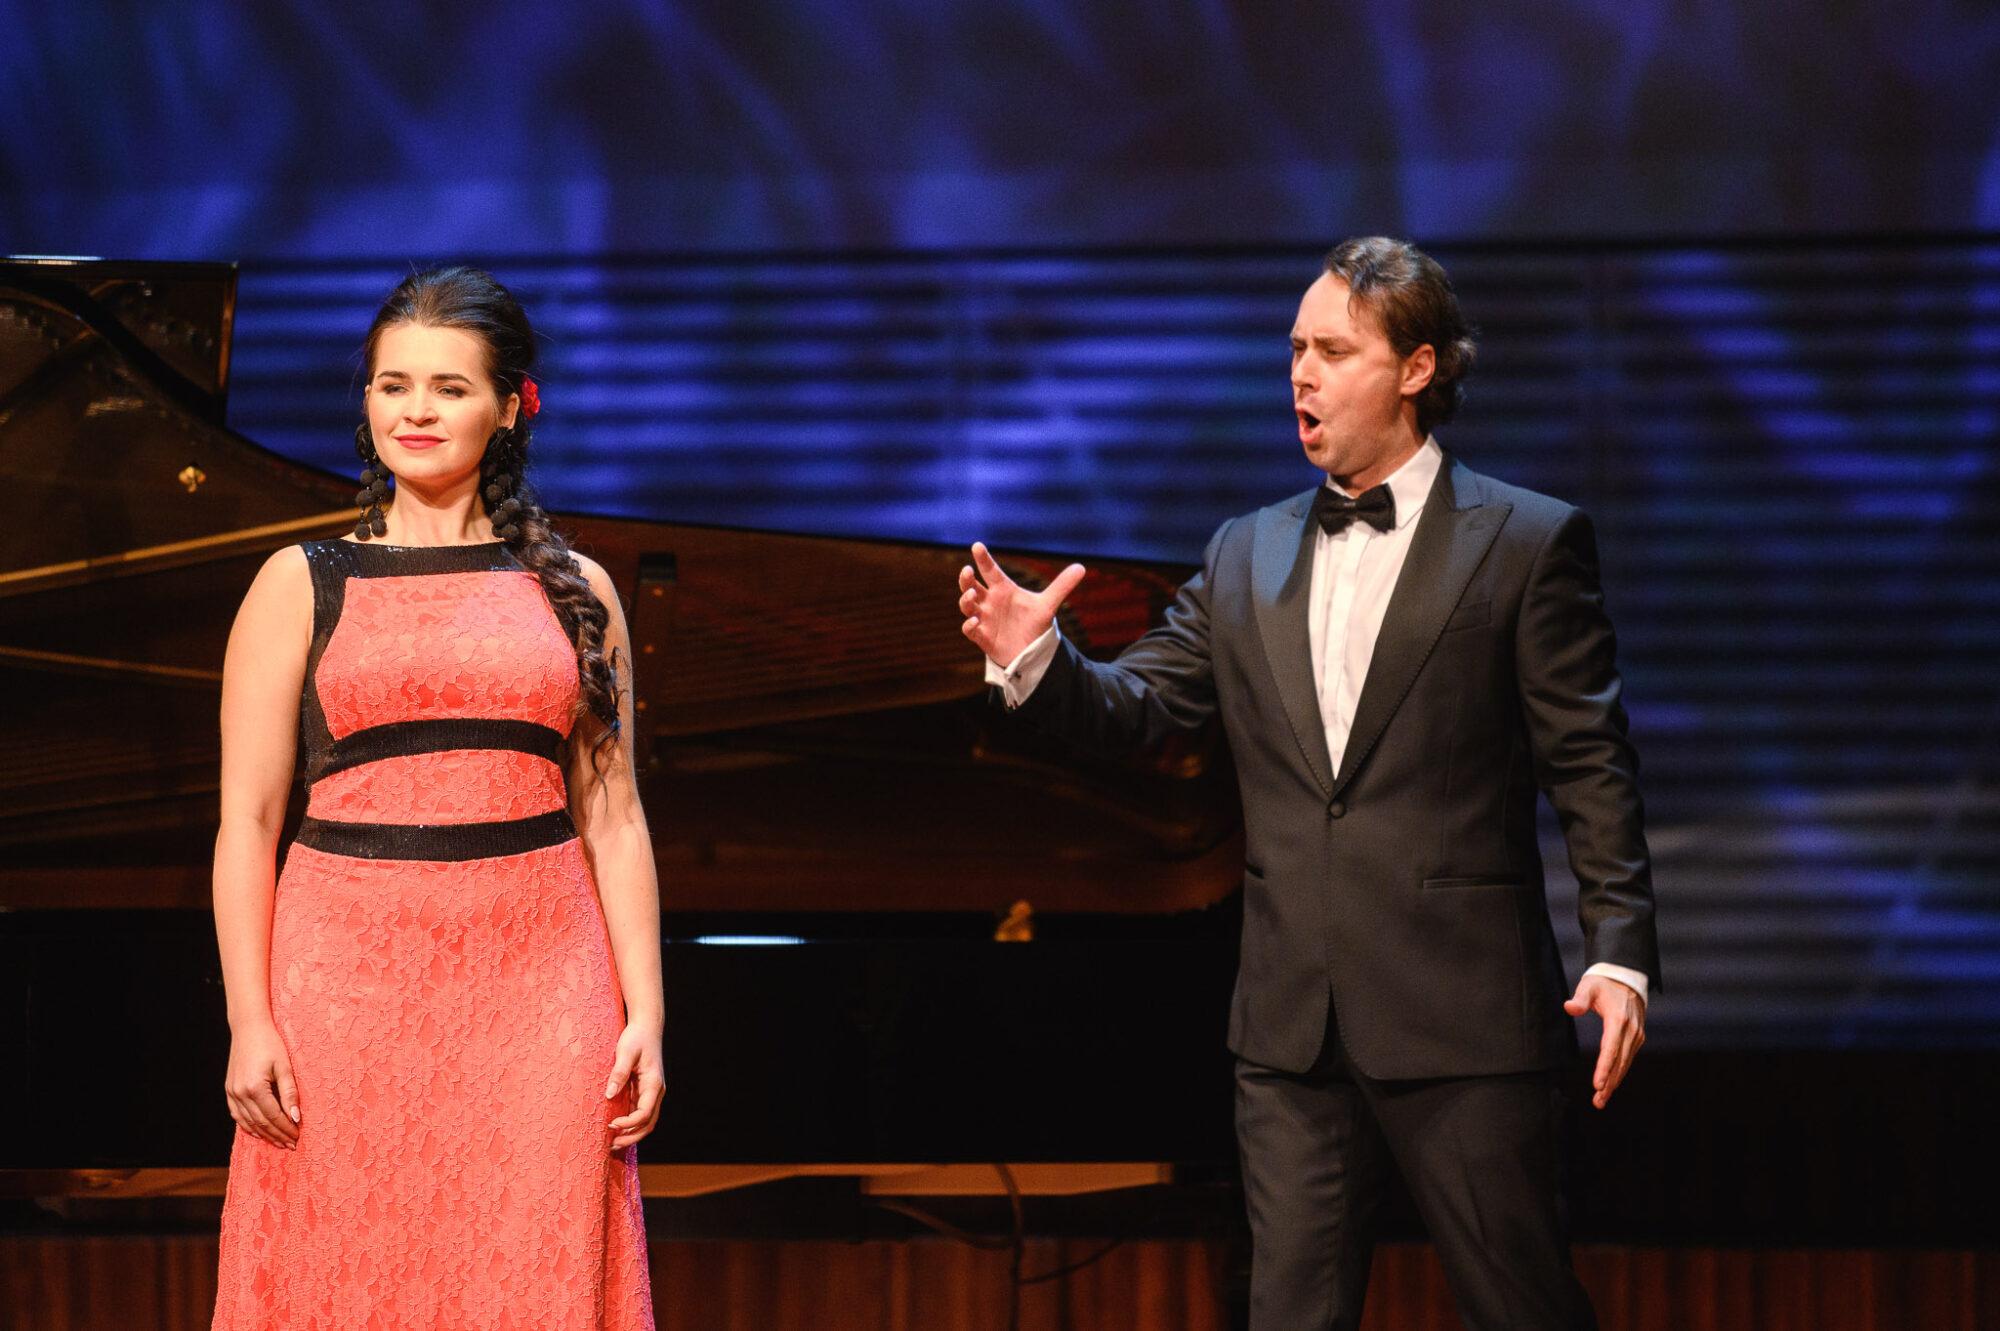 Liepājas koncertzālē izskanējis Marlēnas Keines,  Mihaila Čulpajeva un  Agneses Egliņas koncerts